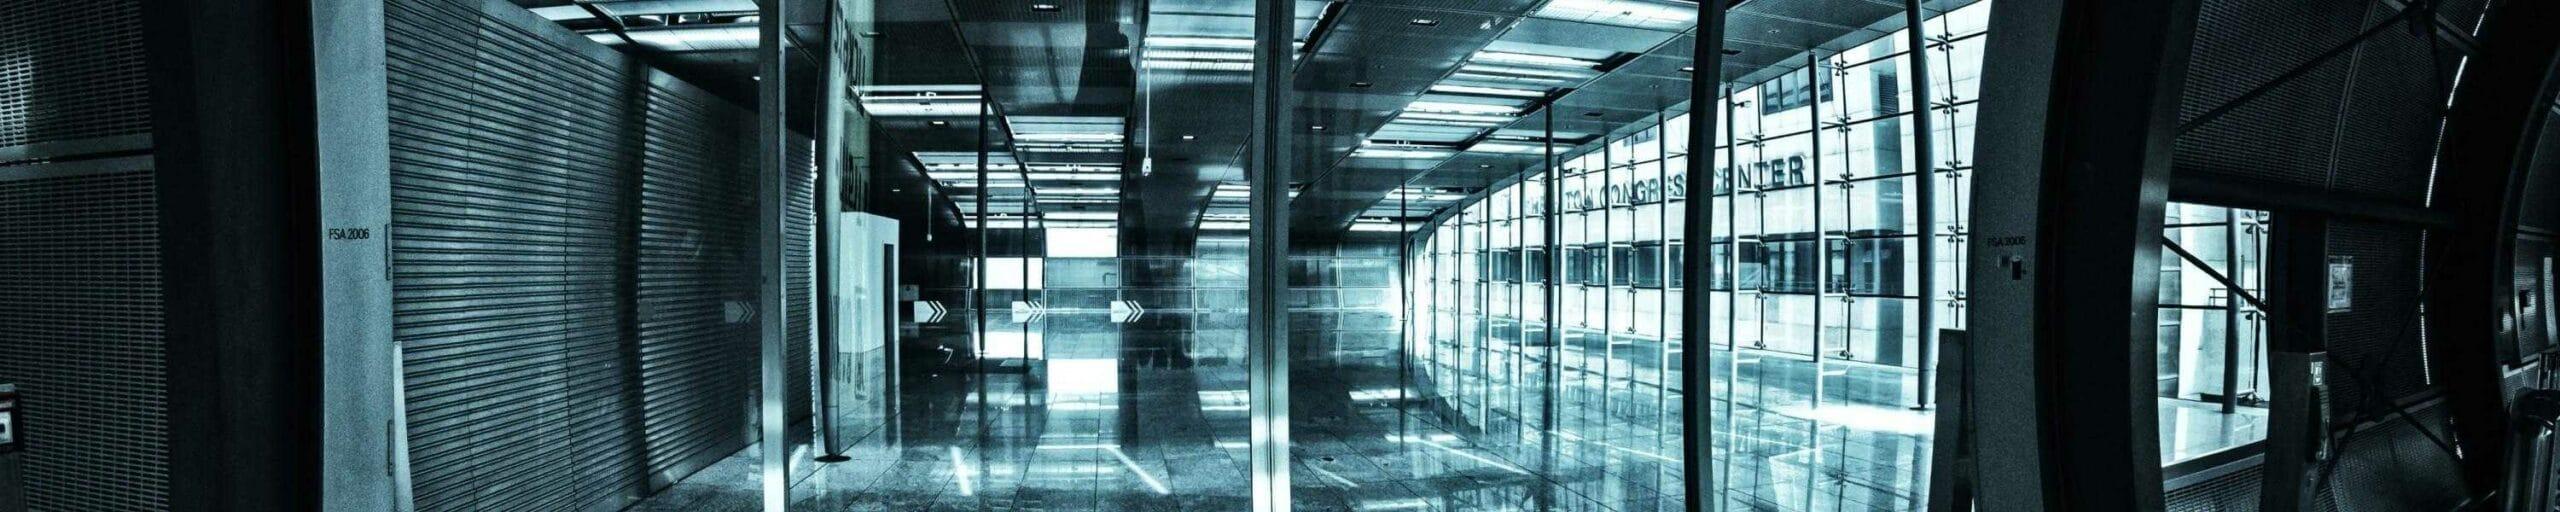 Как безвозмездно арендовать активы компании у собственника, и при этом не попадать на штрафы